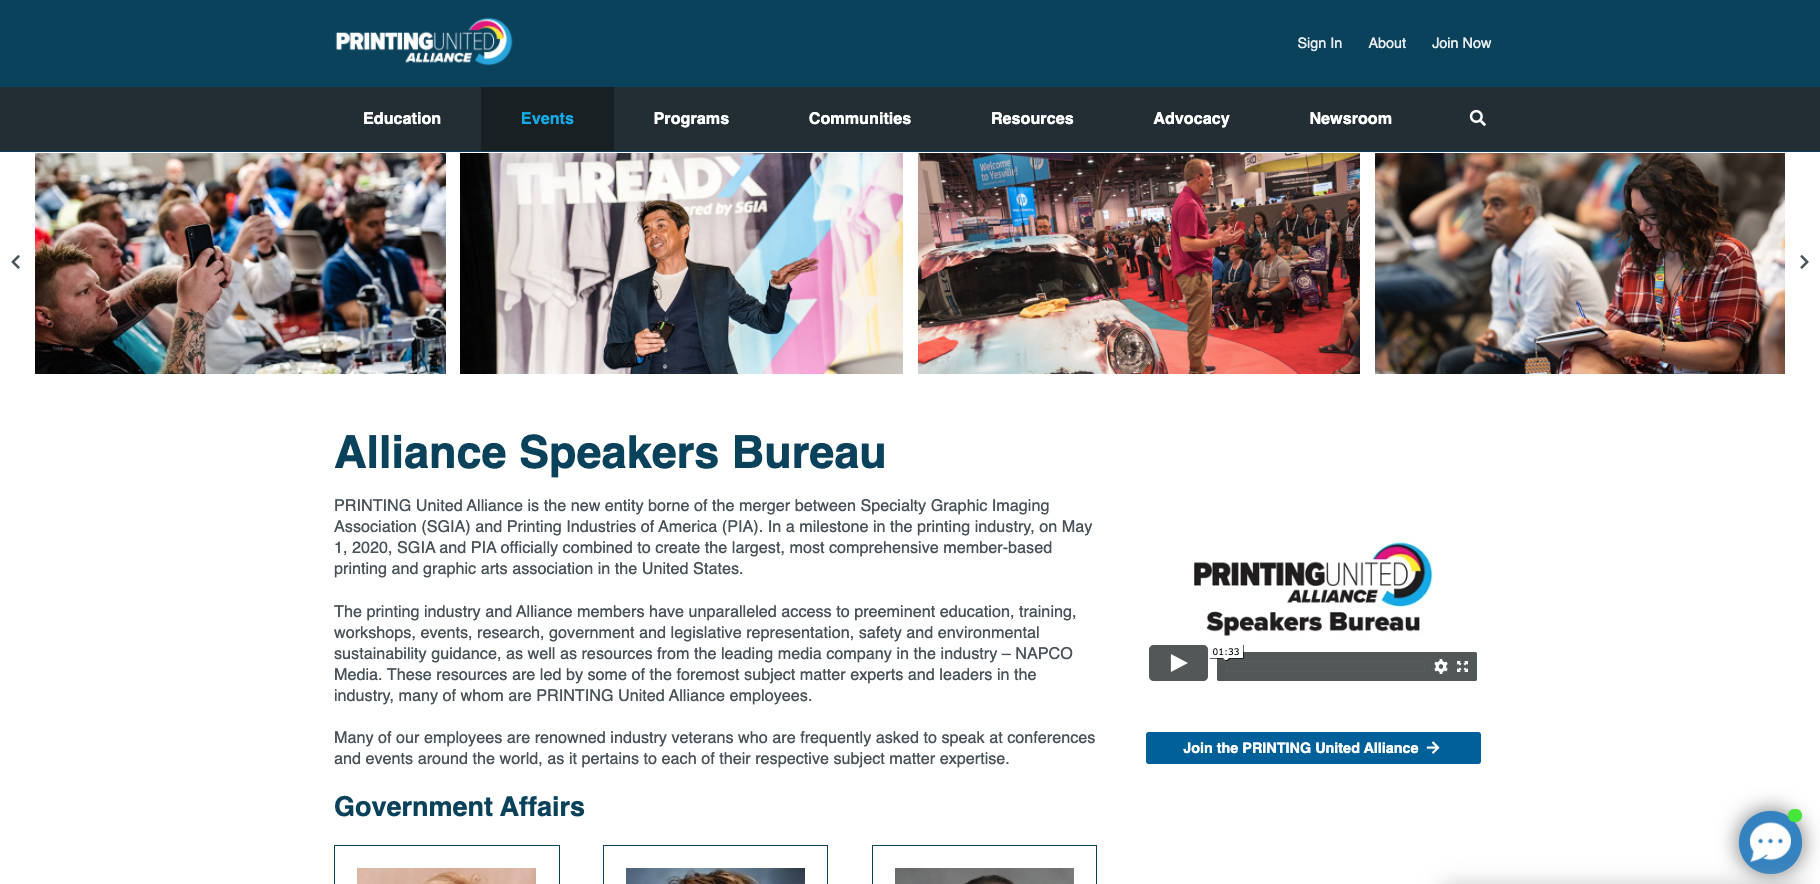 PRINTING United Alliance Speakers Bureau